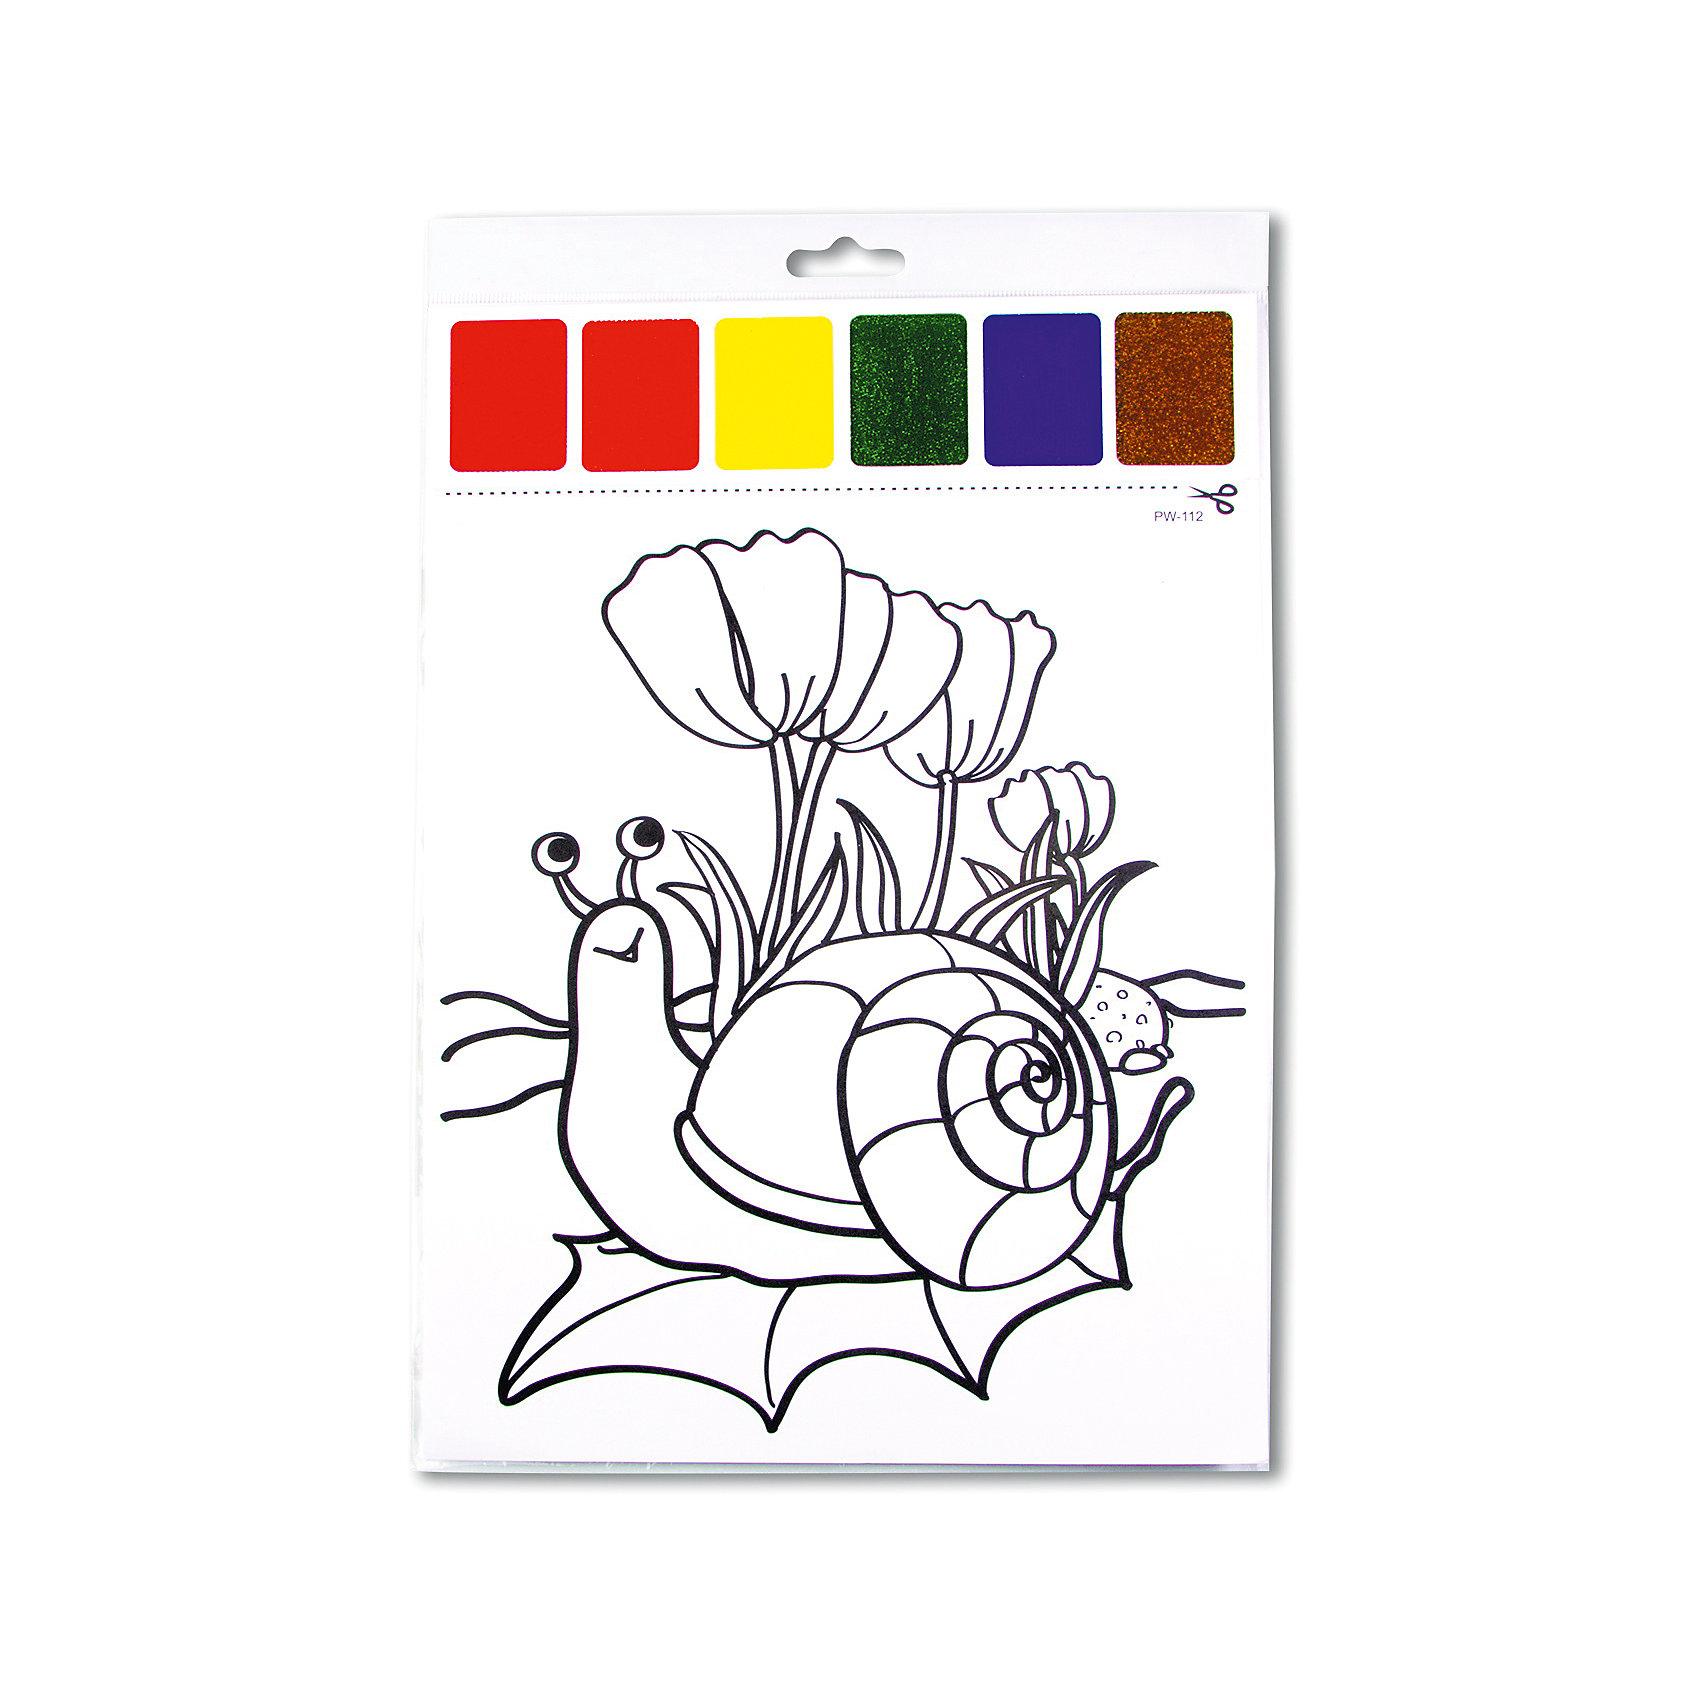 Набор для раскрашивания акварелью Улитка на листочке, с кисточкойРисование<br>Характеристики товара:<br><br>• материал: картон<br>• размер: 22х32 см<br>• вес: 26 г<br>• комплектация: раскраска, палитра красок 6 цветов<br>• развивающая<br>• возраст: от трех лет<br>• страна бренда: Финляндия<br>• страна изготовитель: Китай<br><br>Такая раскраска станет отличным подарком малышам! Она отличается тем, что прямо на ней - акварельные краски! В палитре - 6 самых популярных оттенков, которых хватит для раскрашивания картинки. Изображения крупные, поэтому даже малышам будет легко их раскрасить. С помощью раскрашивания ребенок не только весело проведет время, он будет тренировать внимательность, абстрактное мышление, логику, усидчивость, мелкую моторику и творческие способности. <br>Раскраска выпущена в удобном формате. Изделие производится из качественных и проверенных материалов, которые безопасны для детей.<br><br>Набор для раскрашивания акварелью Улитка на листочке от бренда KriBly Boo можно купить в нашем интернет-магазине.<br><br>Ширина мм: 320<br>Глубина мм: 215<br>Высота мм: 3<br>Вес г: 27<br>Возраст от месяцев: 36<br>Возраст до месяцев: 84<br>Пол: Унисекс<br>Возраст: Детский<br>SKU: 5167830